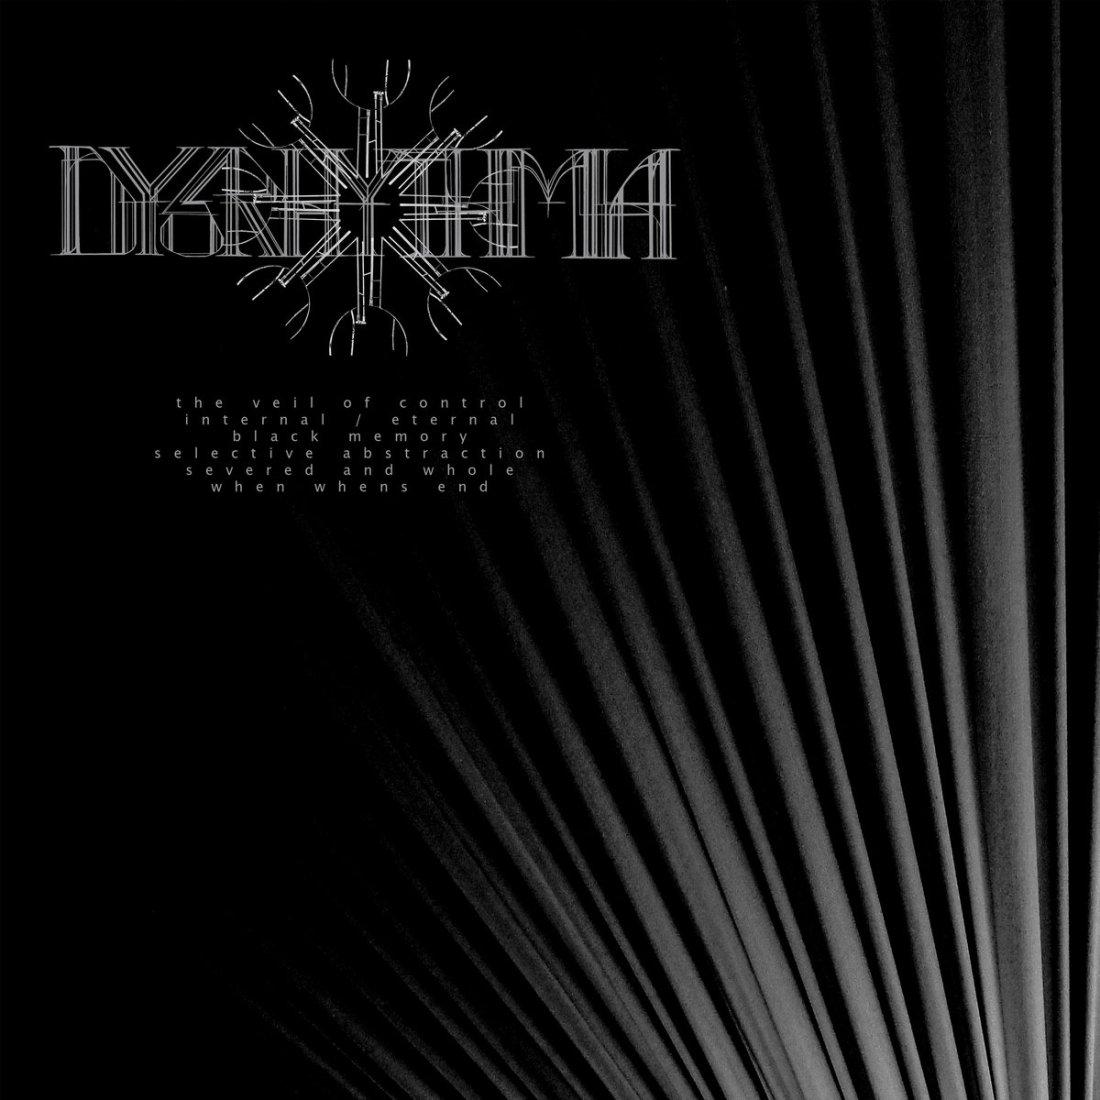 dysrhythmia_the_veil_of_control